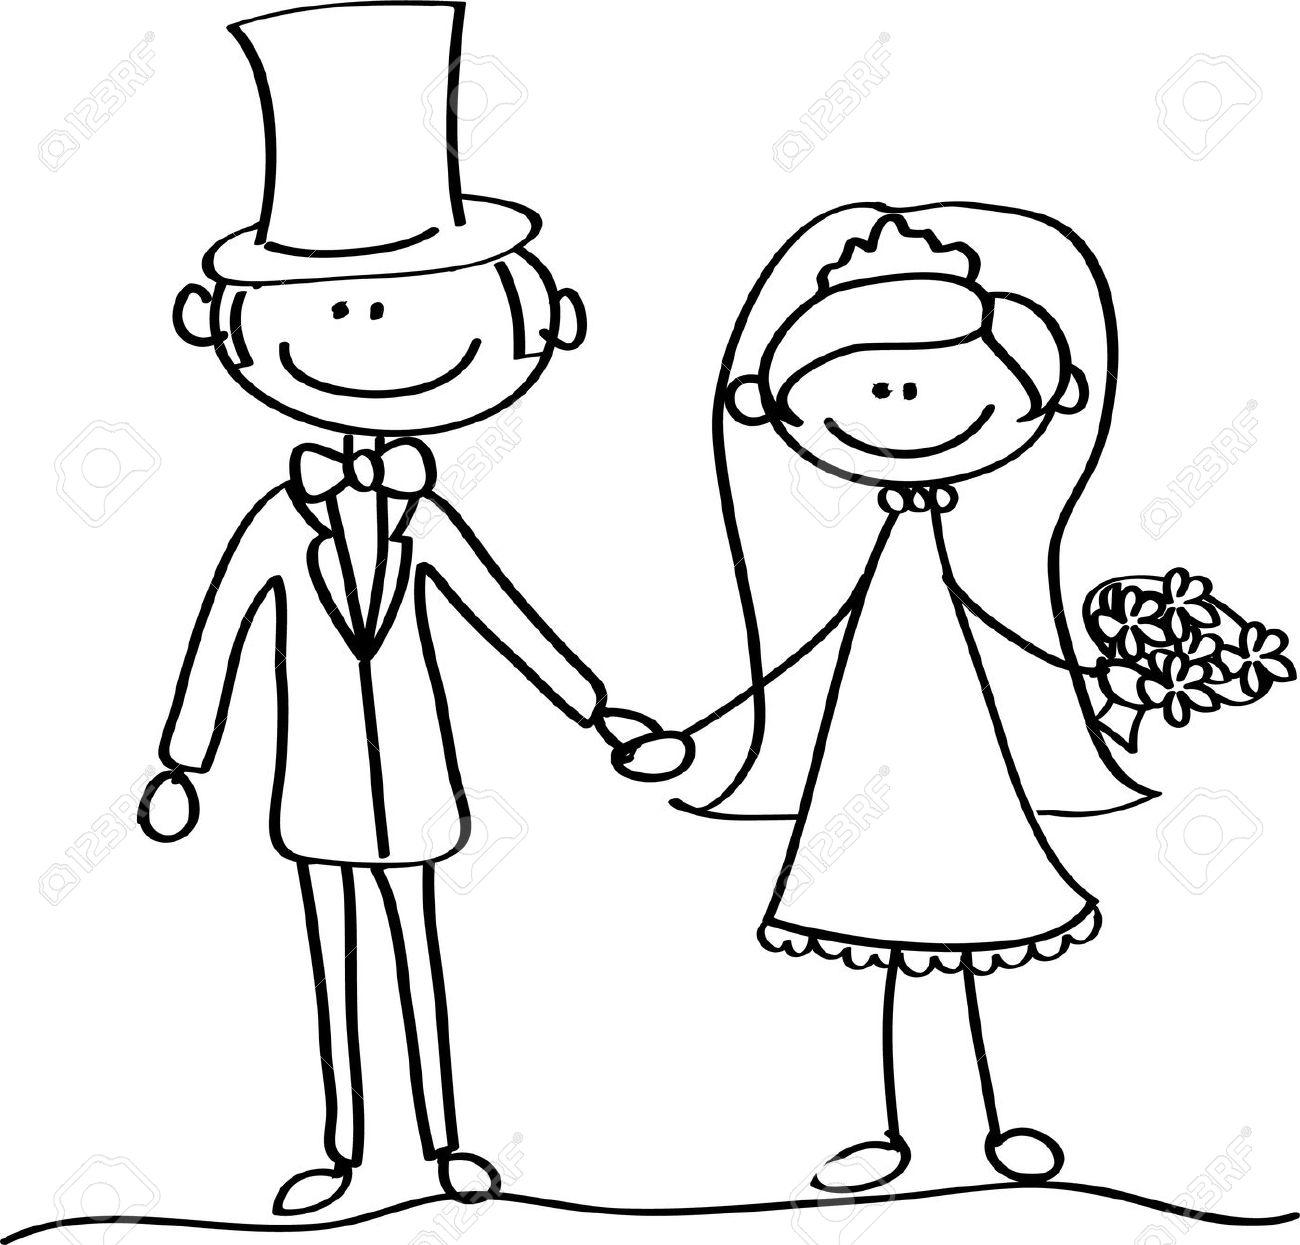 Bride grabbing groom clipart.